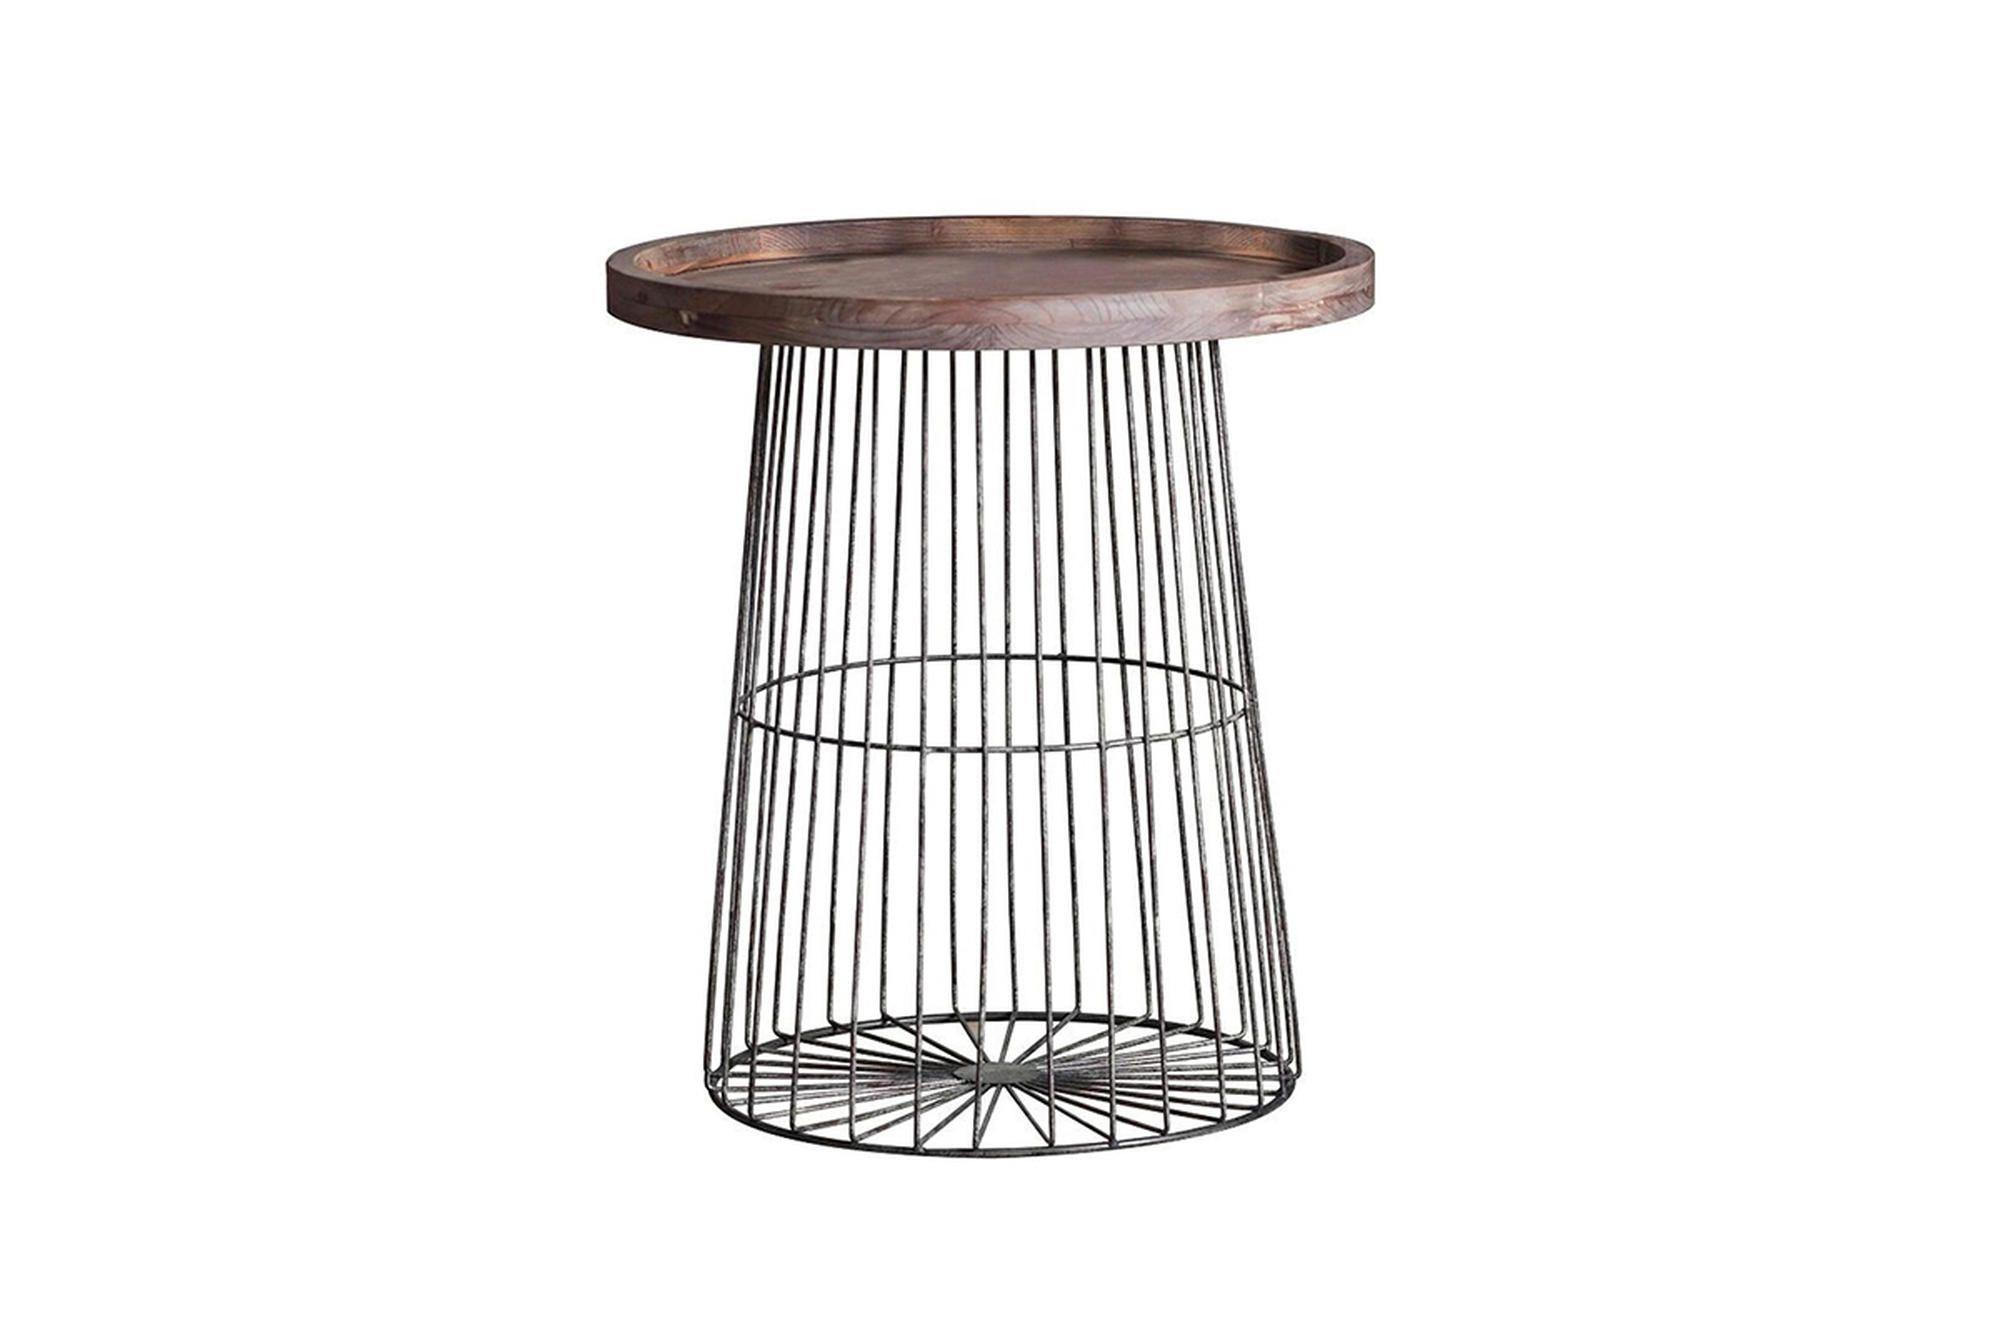 1815 Metal / wood side table